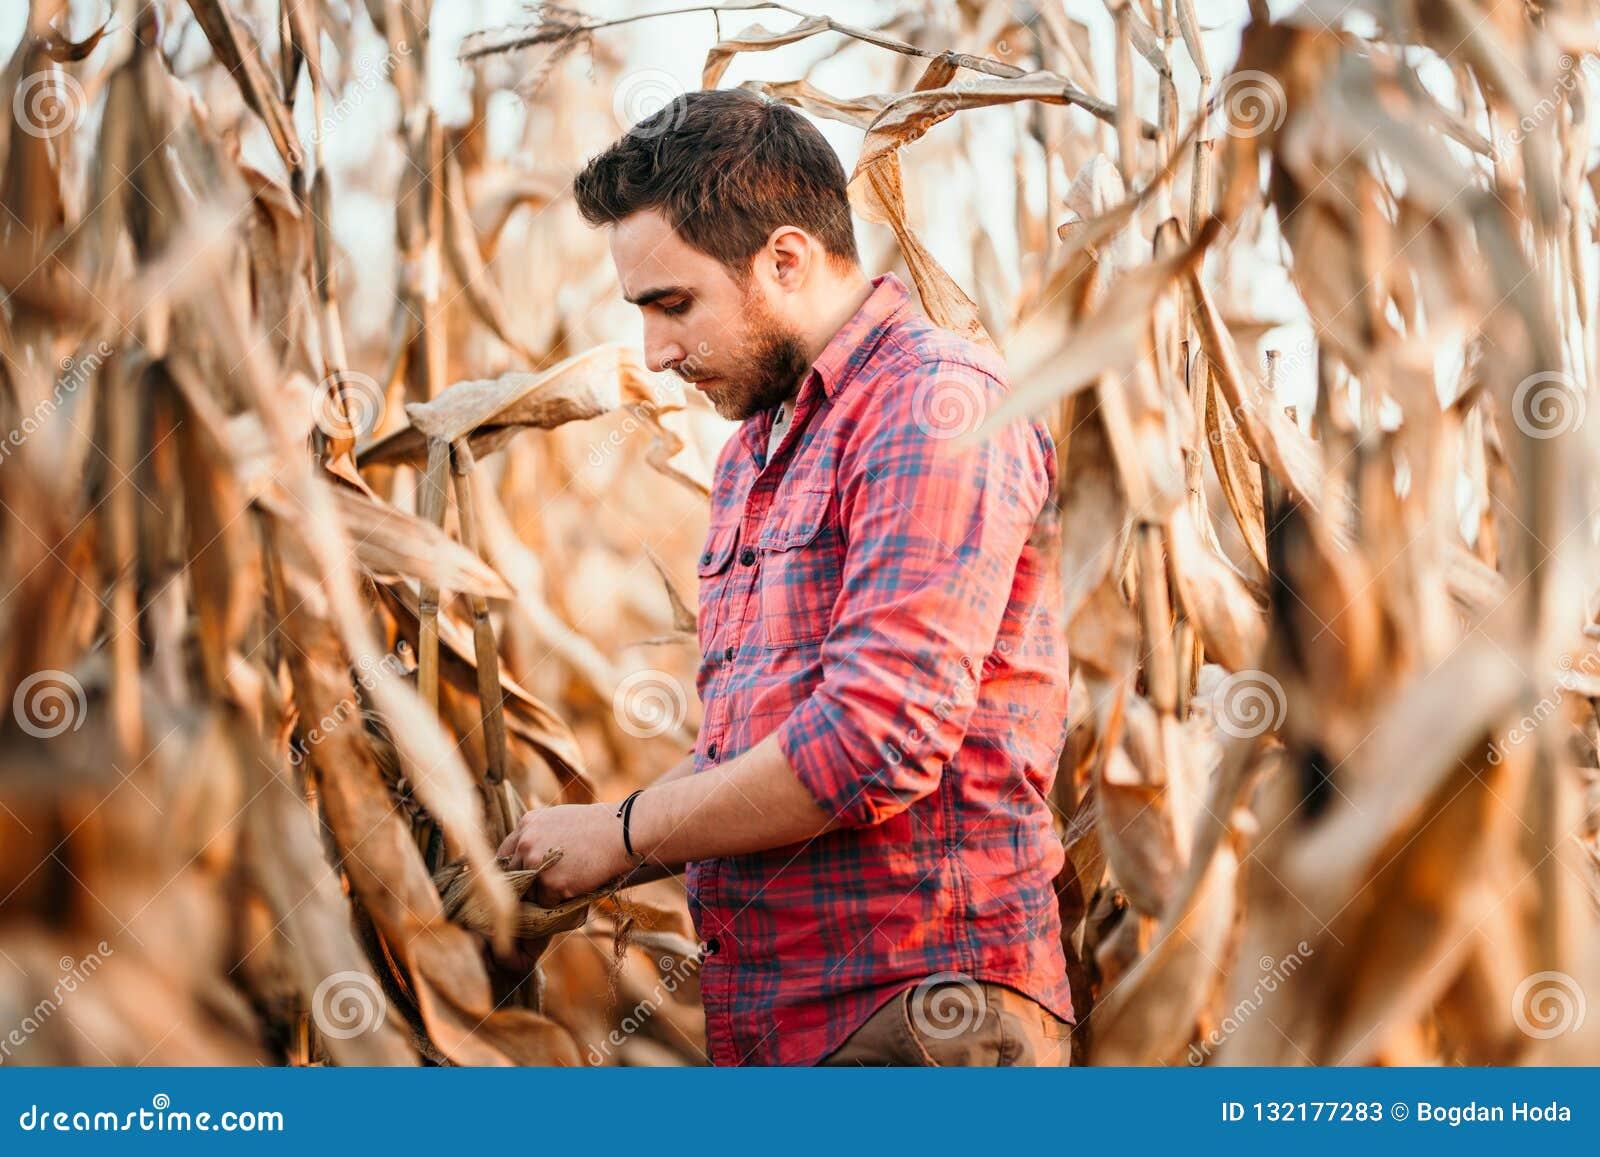 Agronom, der Mais überprüft, wenn bereit zu Ernte Porträt des Landwirts